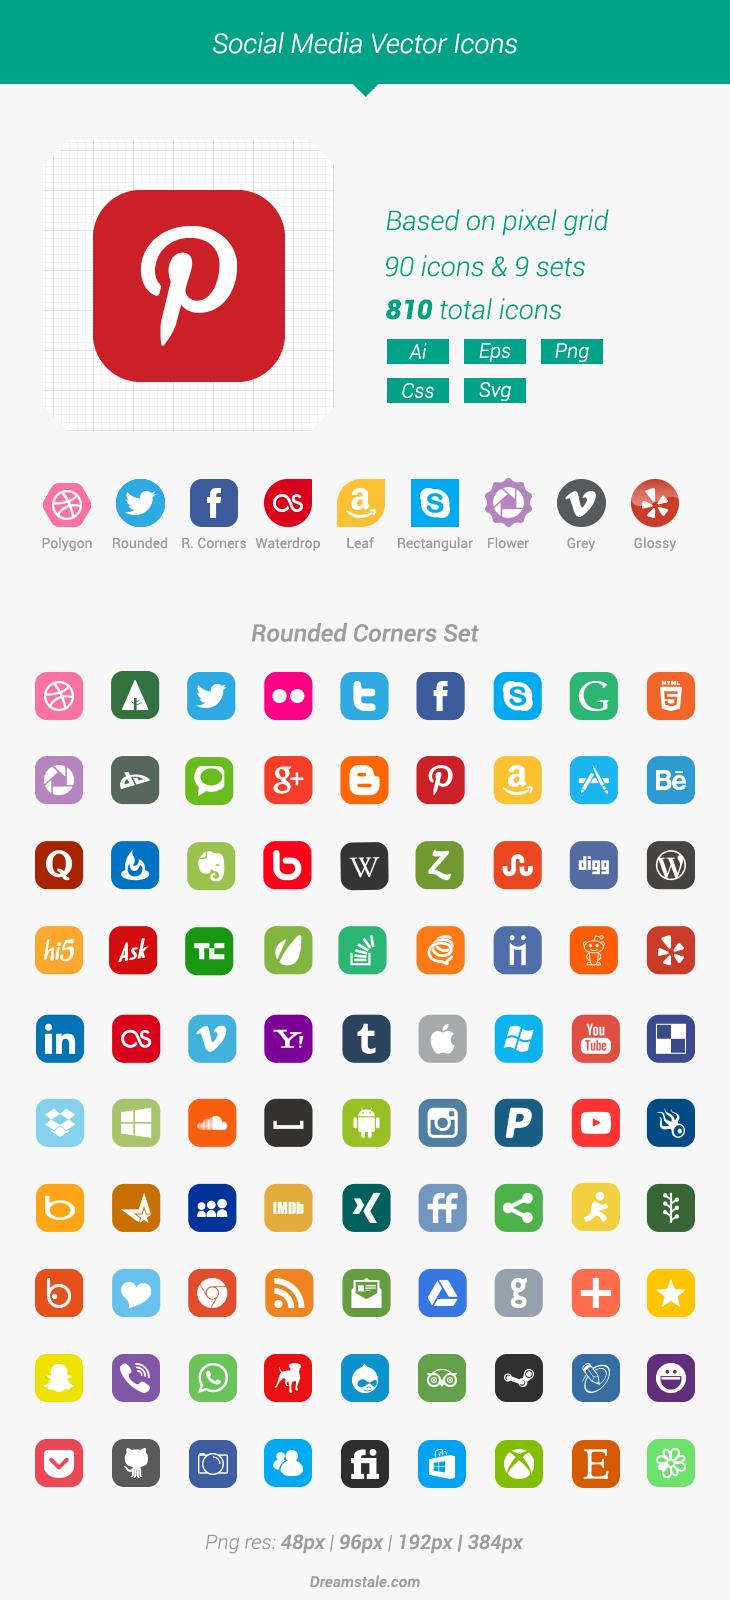 Social Media Icons Social media icons free, Social media